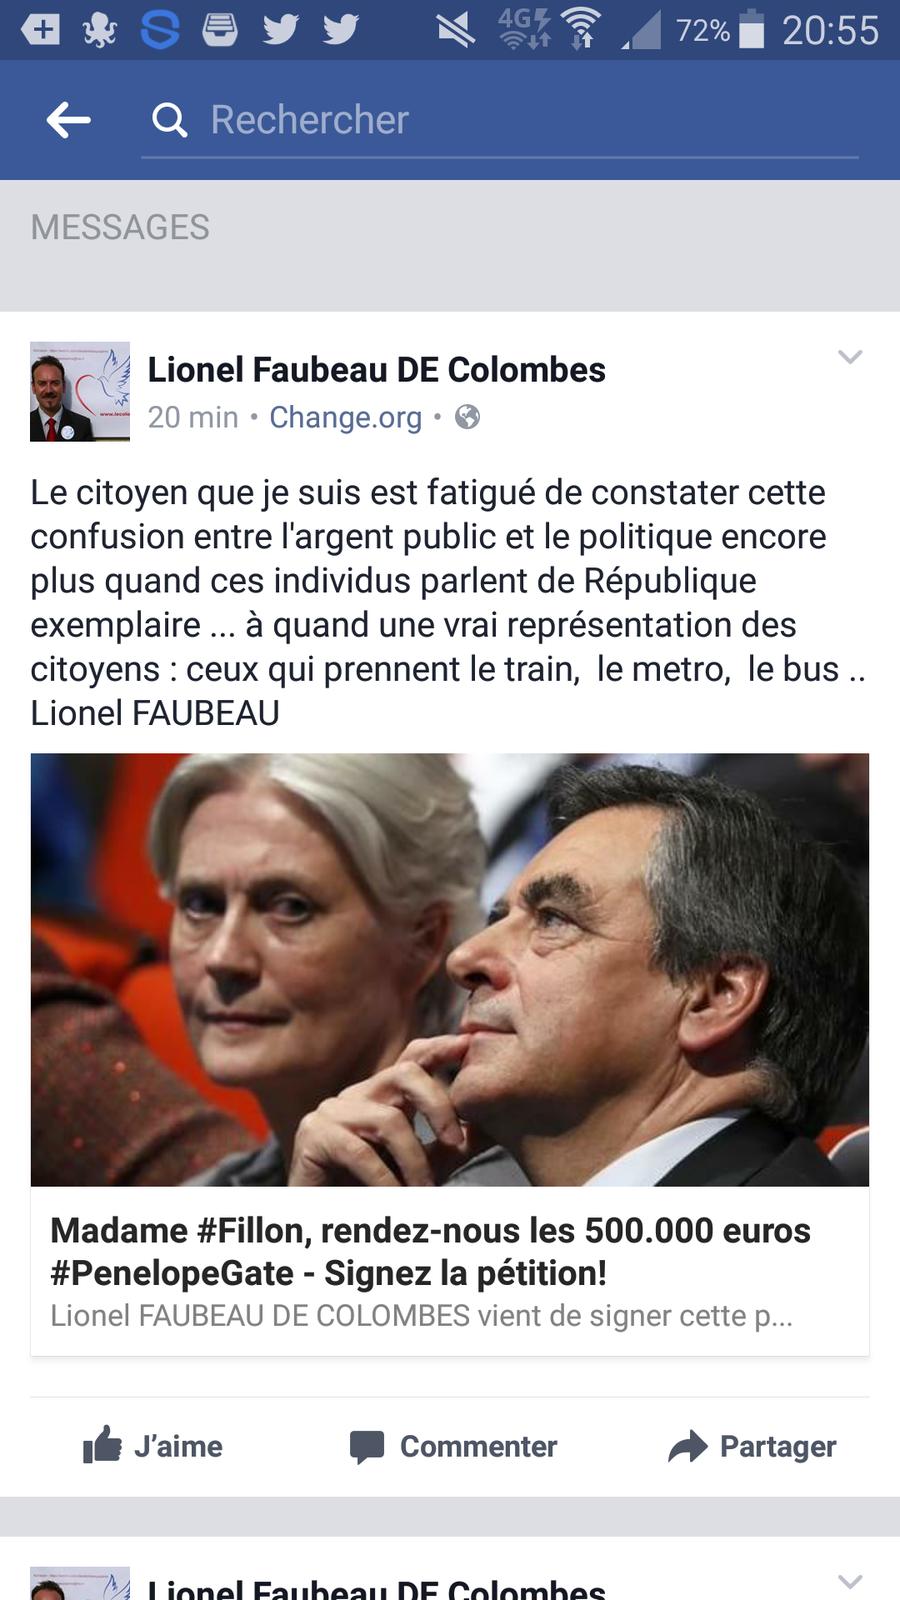 PENELOPEGATE : PAN SUR LE BEC = ce n'est pas 500 000 € mais près d'1 MILLION d'EURO que Madame FILLON à touché (les enfants 84 000 € )